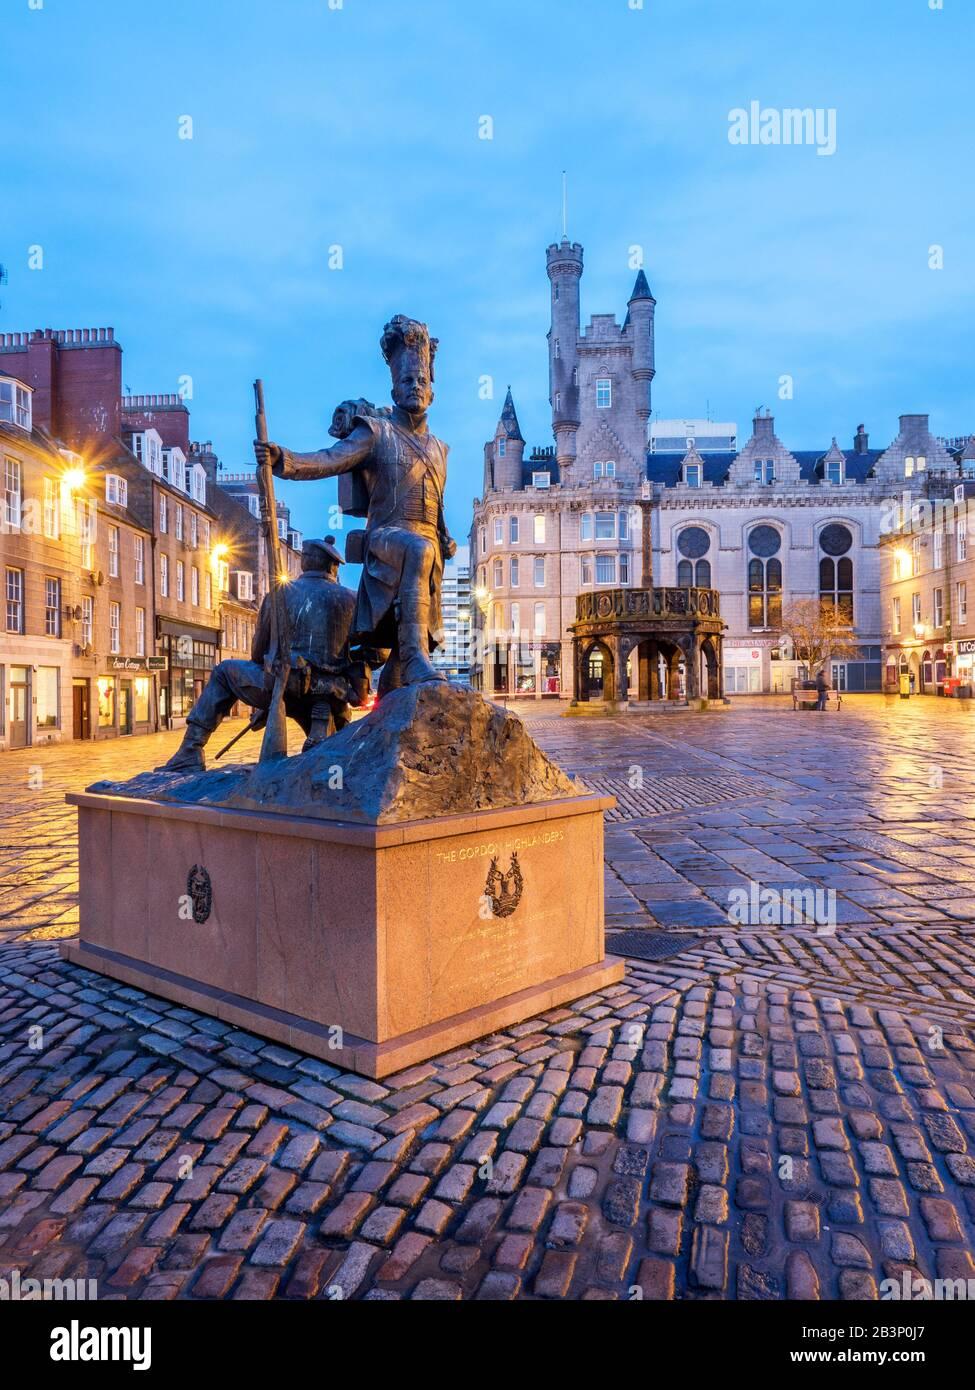 La estatua de Gordon Highlanders del escultor Mark Richards en Castle Street con la cruz de Mercat detrás en Aberdeen Escocia Foto de stock